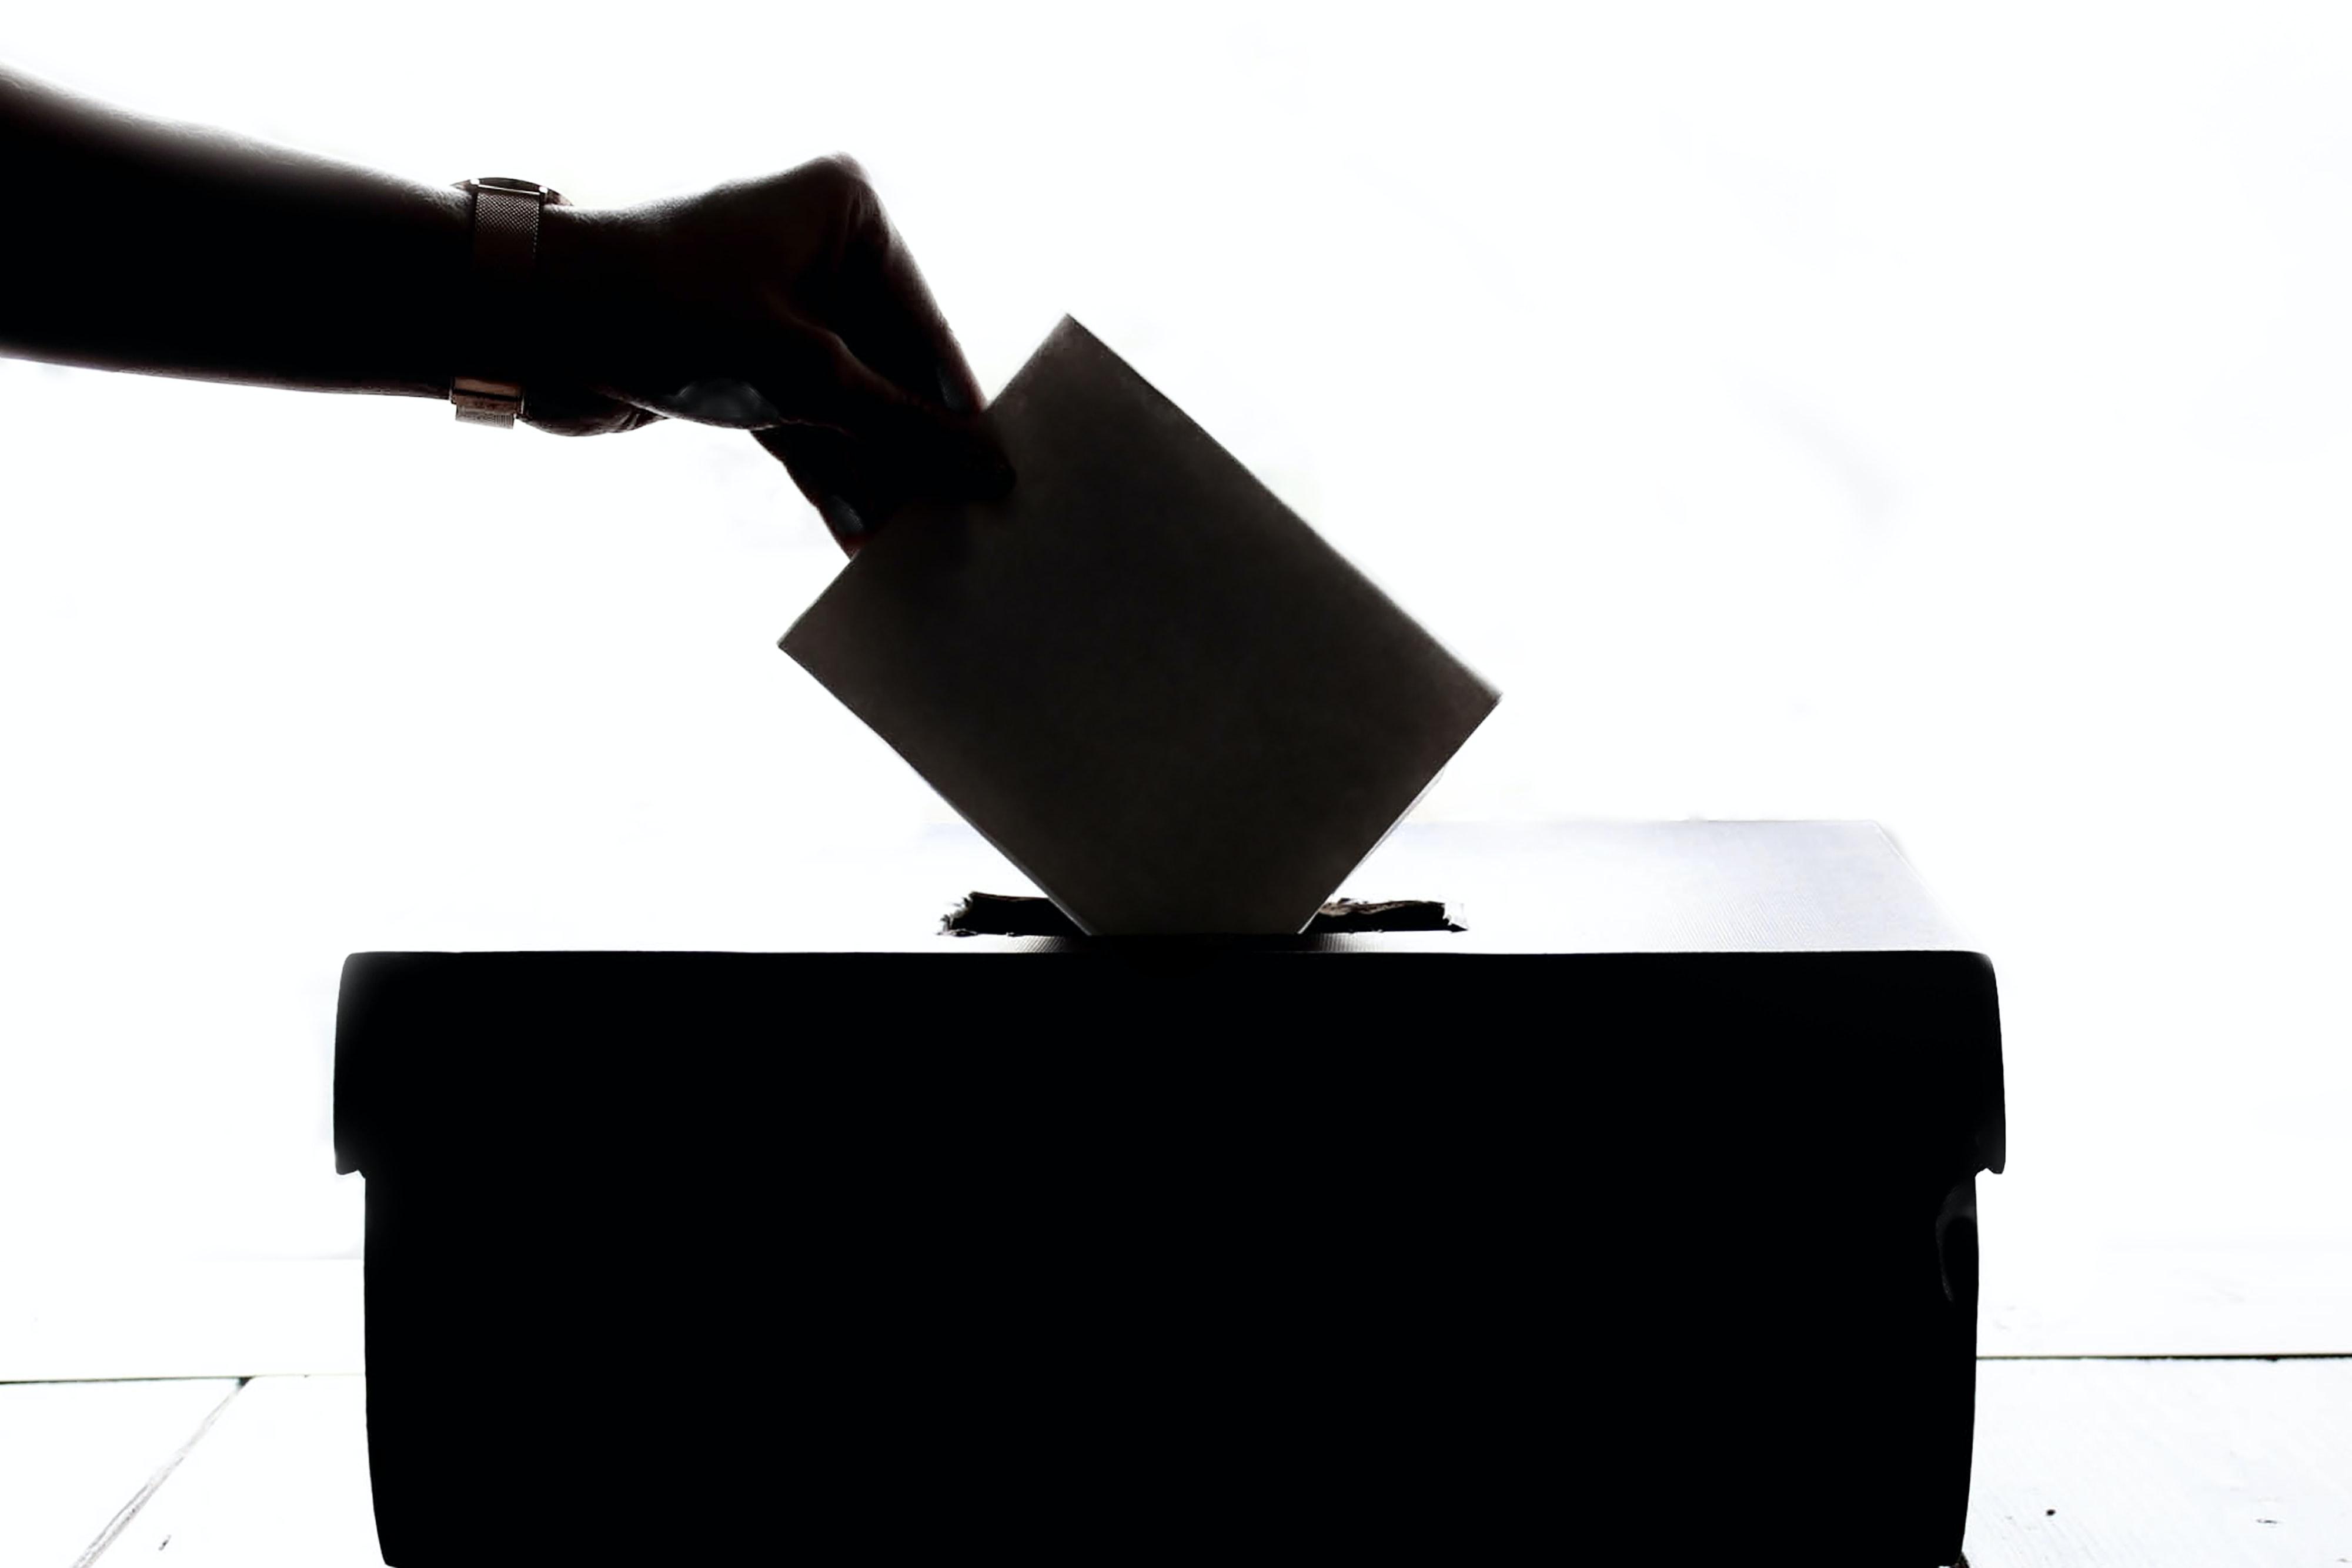 Dia de votar